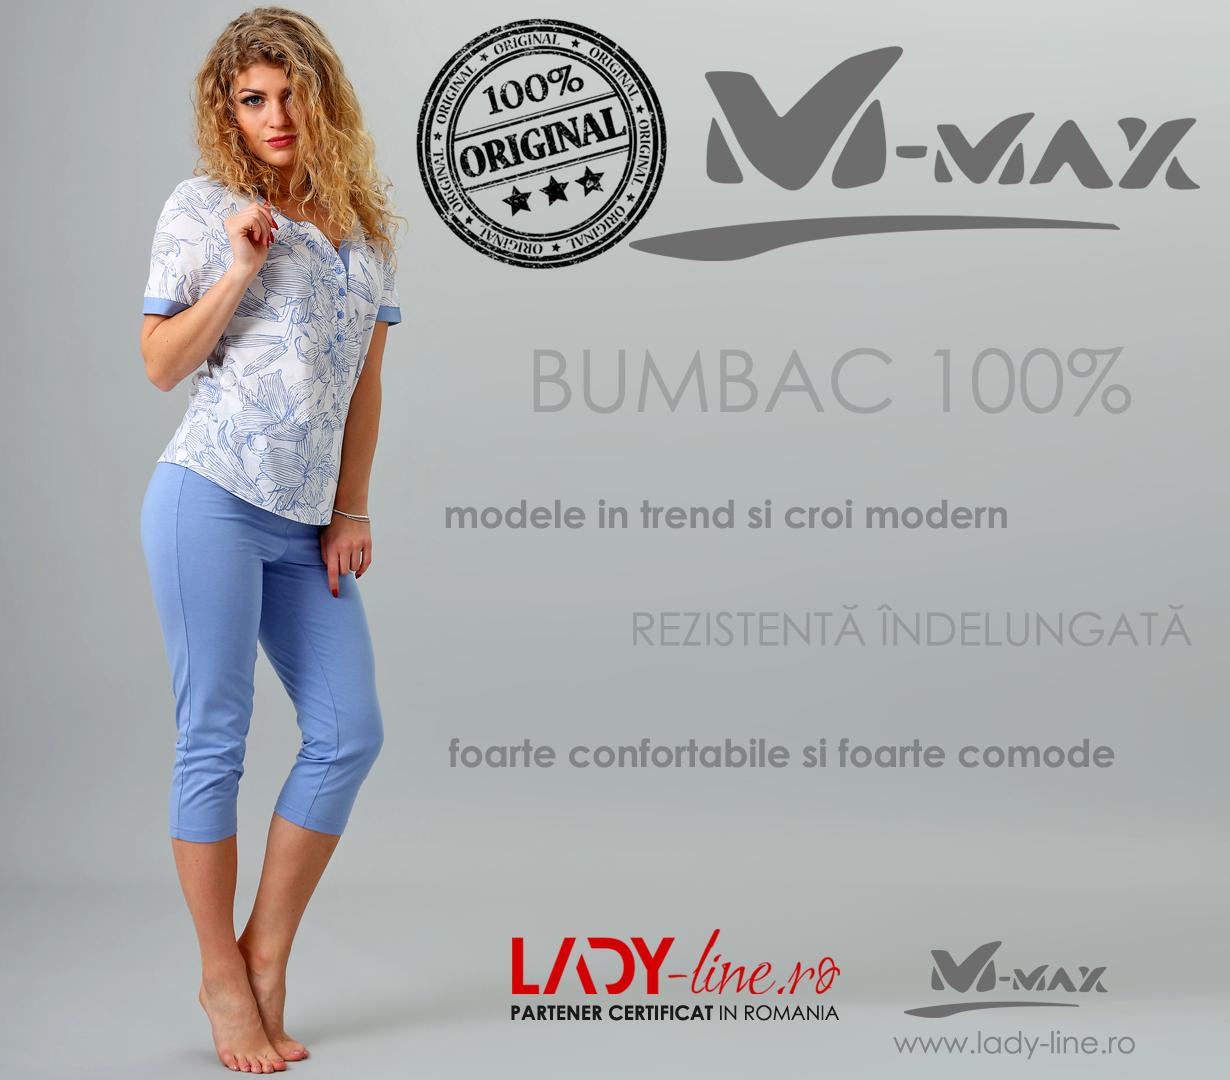 Pijama Dama M-Max, Bumbac 100%, 'Stateliness'